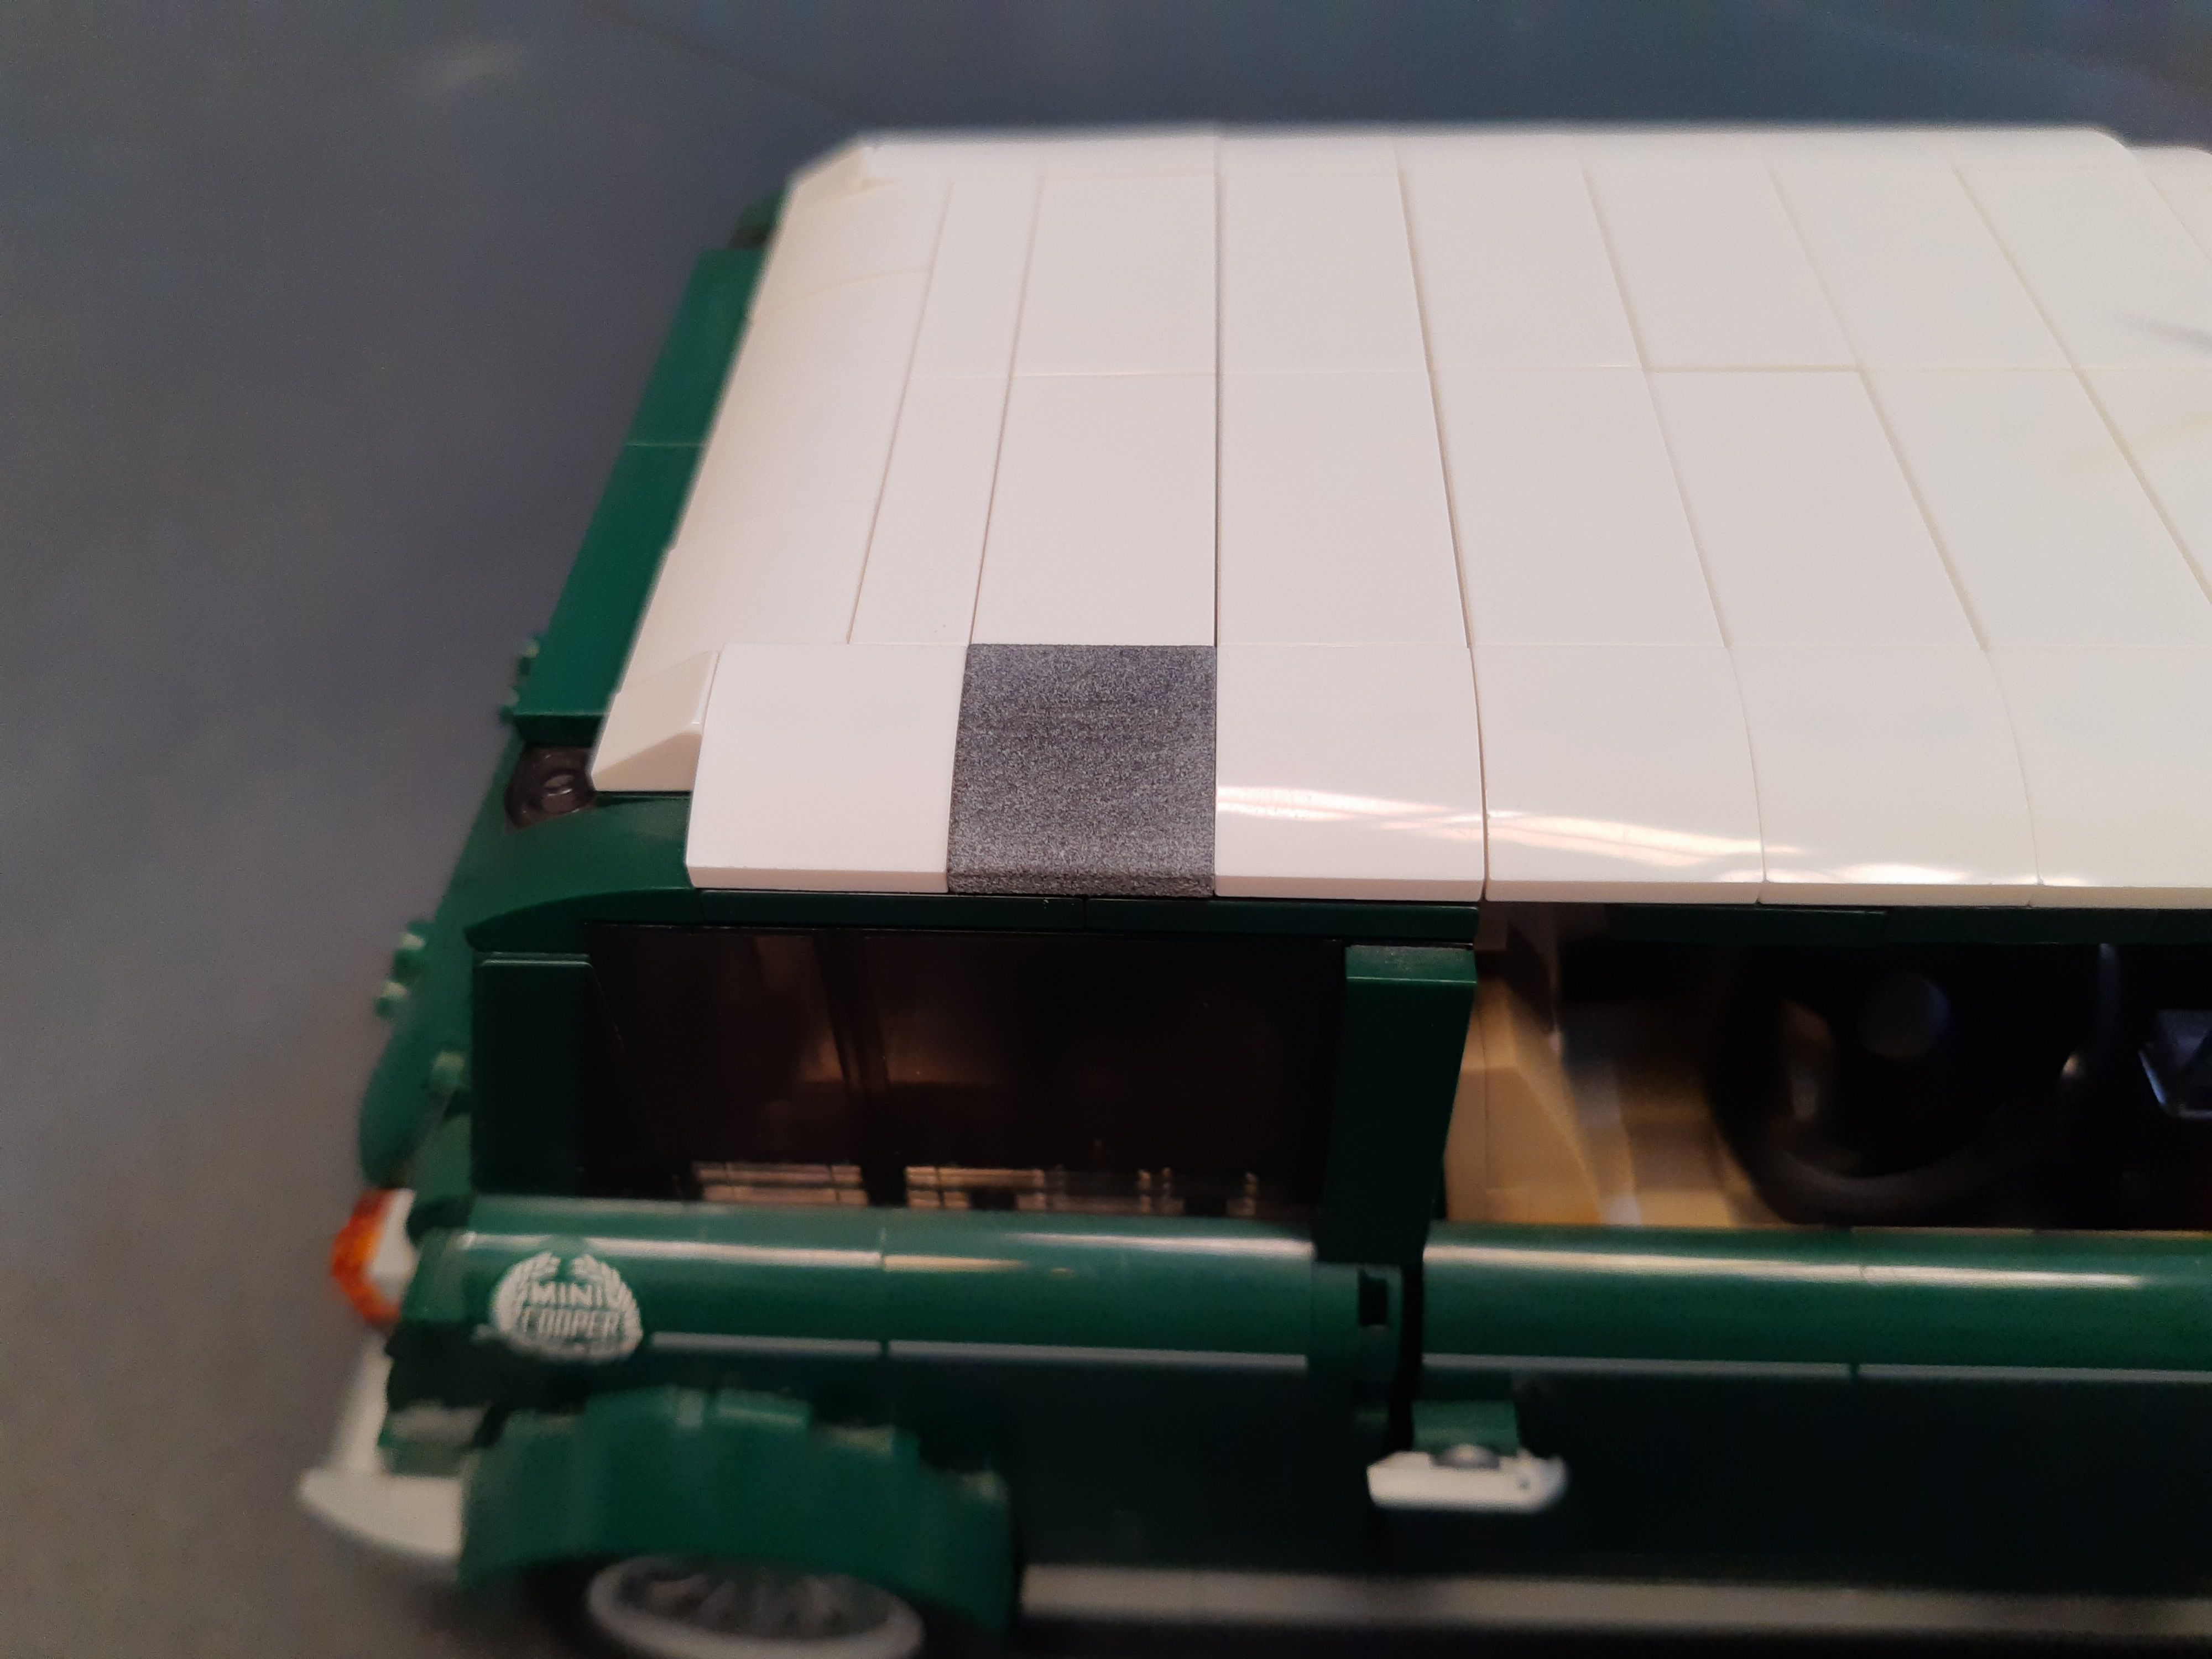 Mini Cooper con pieza en PA12